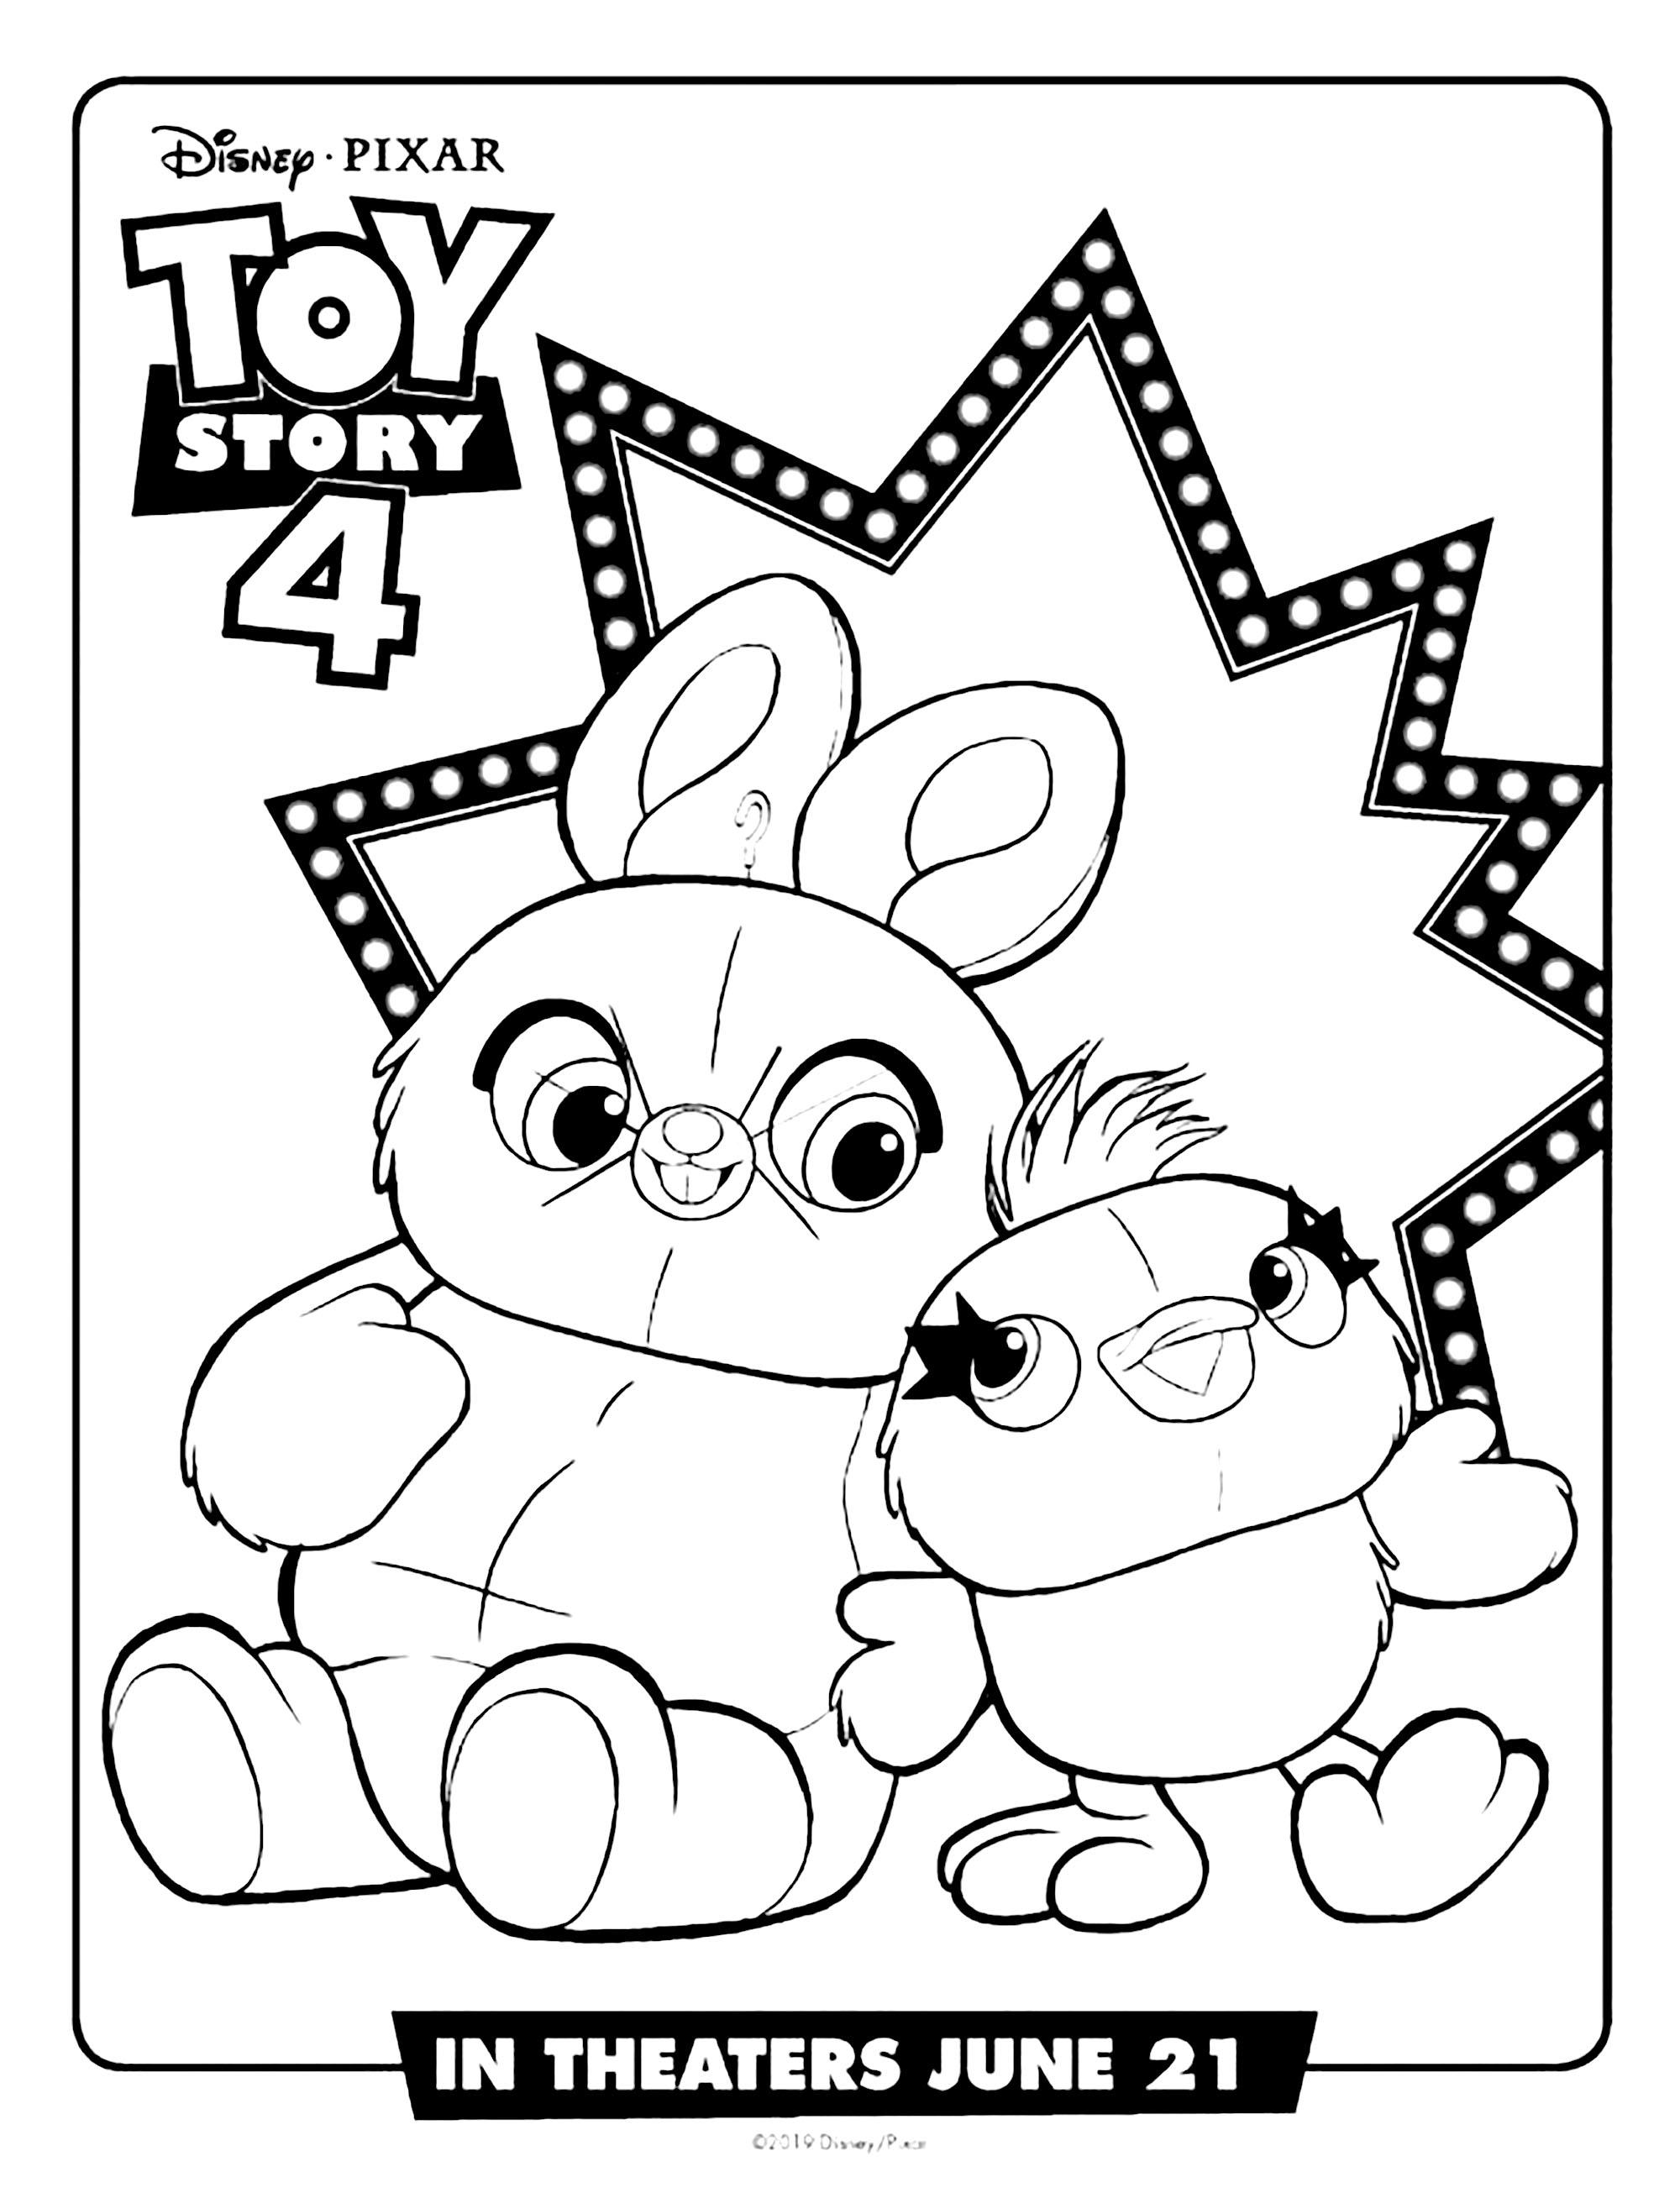 Ducky Et Bunny Coloriage De Toy Story 4 A Imprimer Gratuitement Coloriage Toy Story 4 Coloriages Pour Enfants